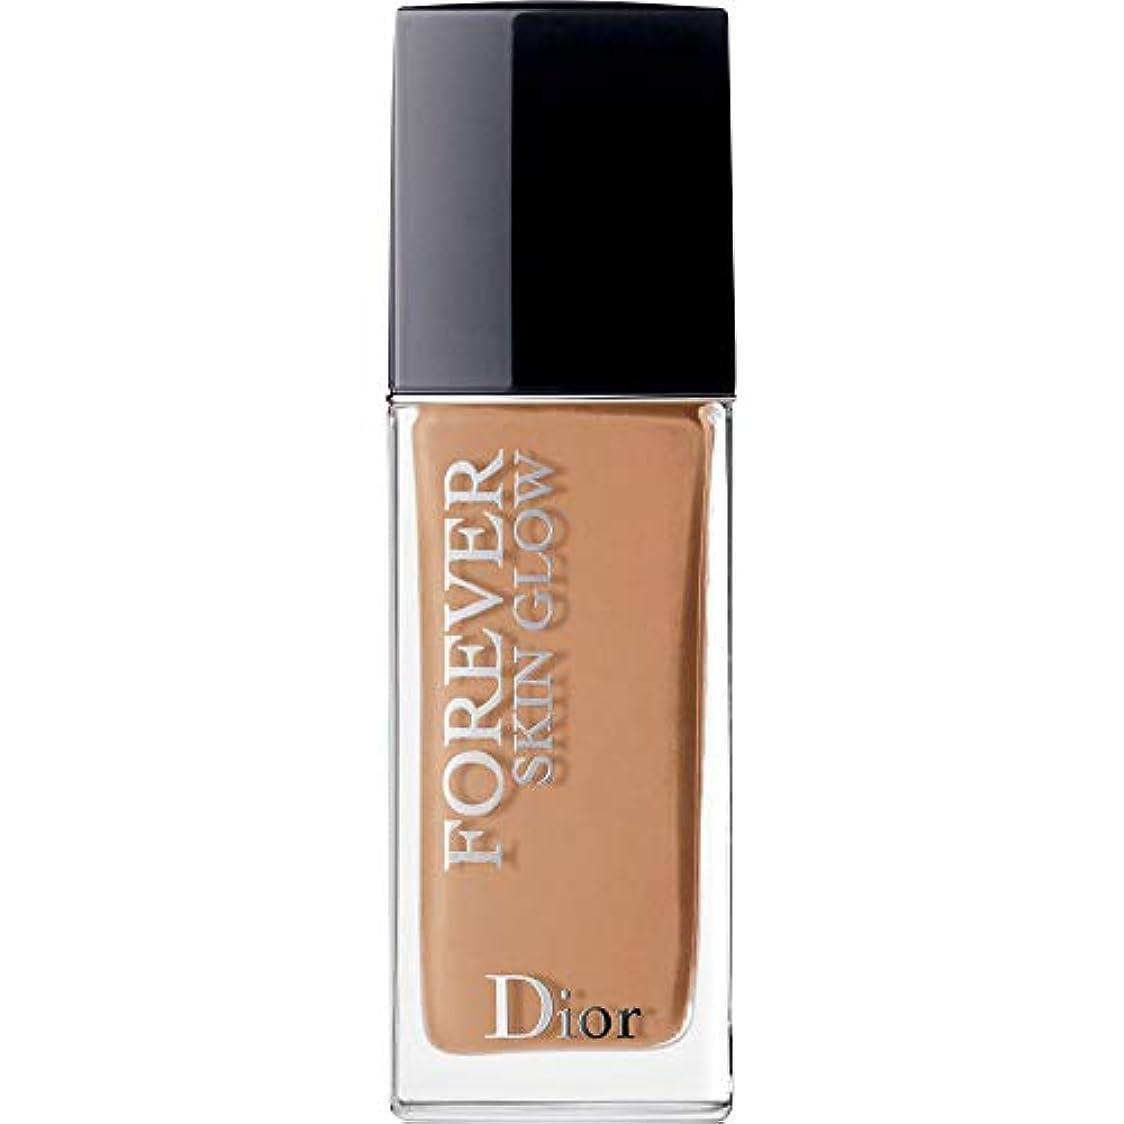 シンジケート株式ビリー[Dior ] ディオール永遠肌の輝き肌思いやりの基礎Spf35 30ミリリットルの4.5ワット - 暖かい(肌の輝き) - DIOR Forever Skin Glow Skin-Caring Foundation SPF35...